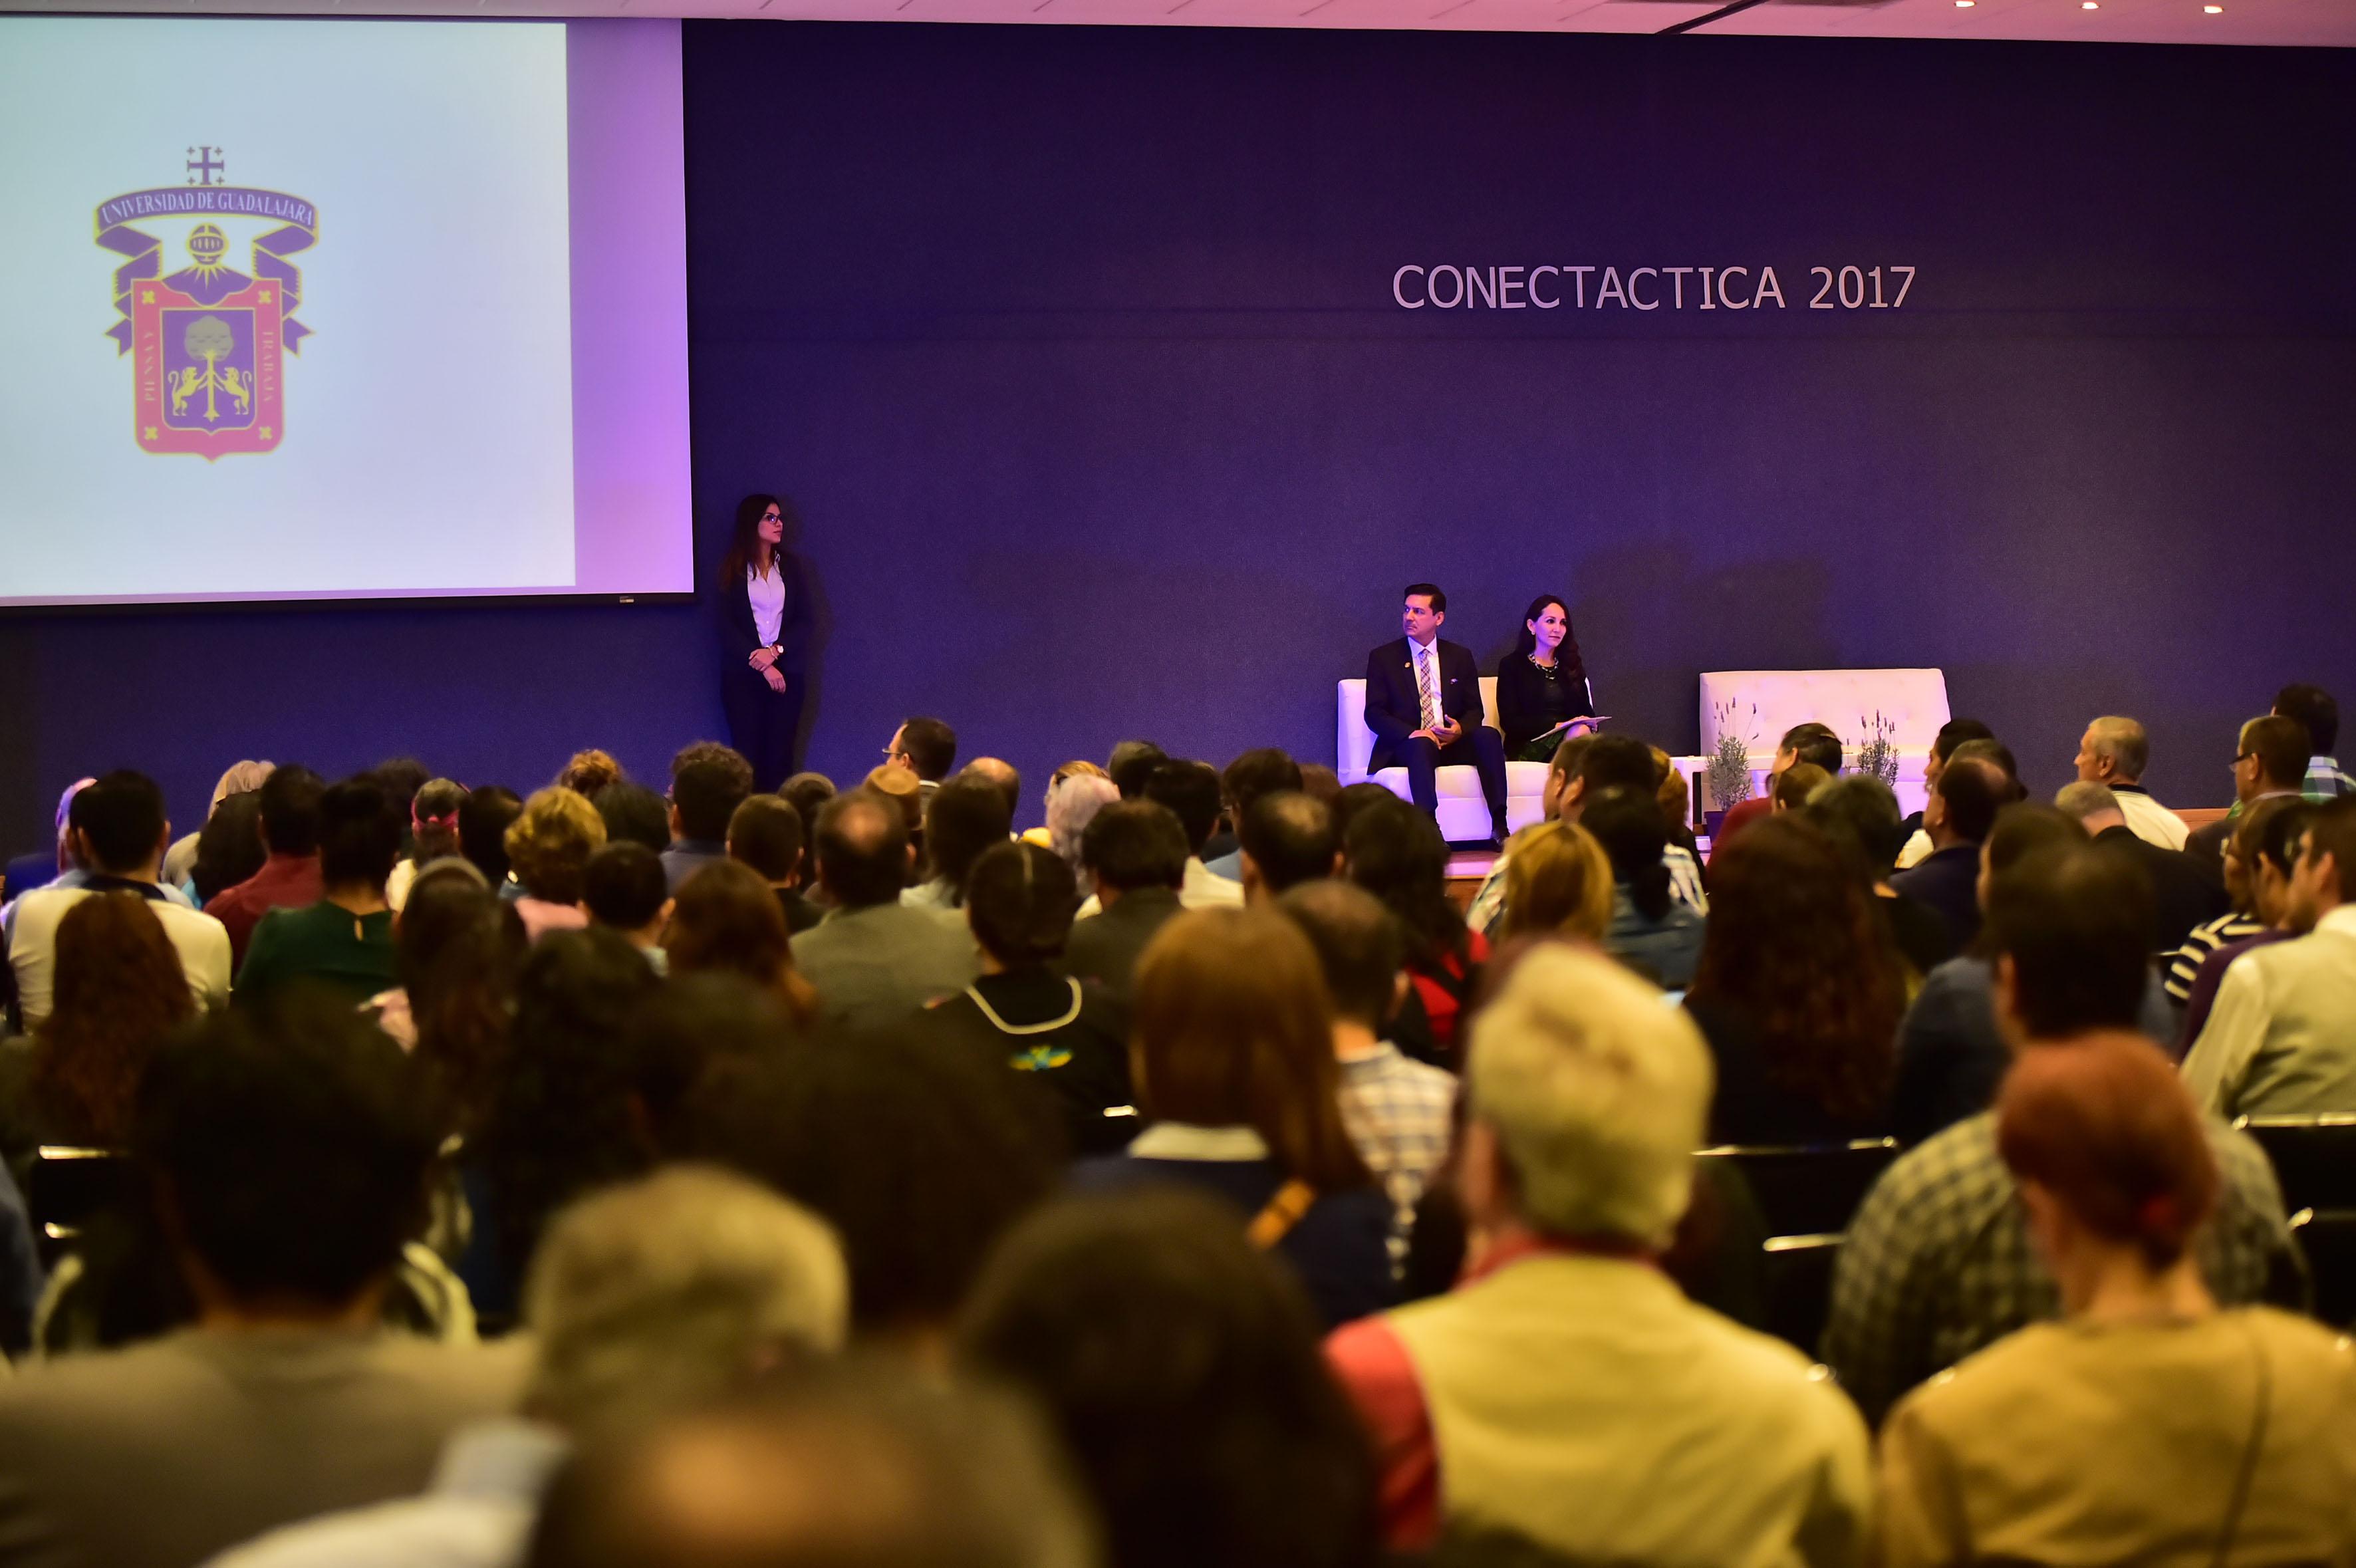 """Inauguración de  la séptima edición de """"Conectáctica 2017"""", en el Centro Universitario de Ciencias Económico Administrativas (CUCEA) de la UdeG."""